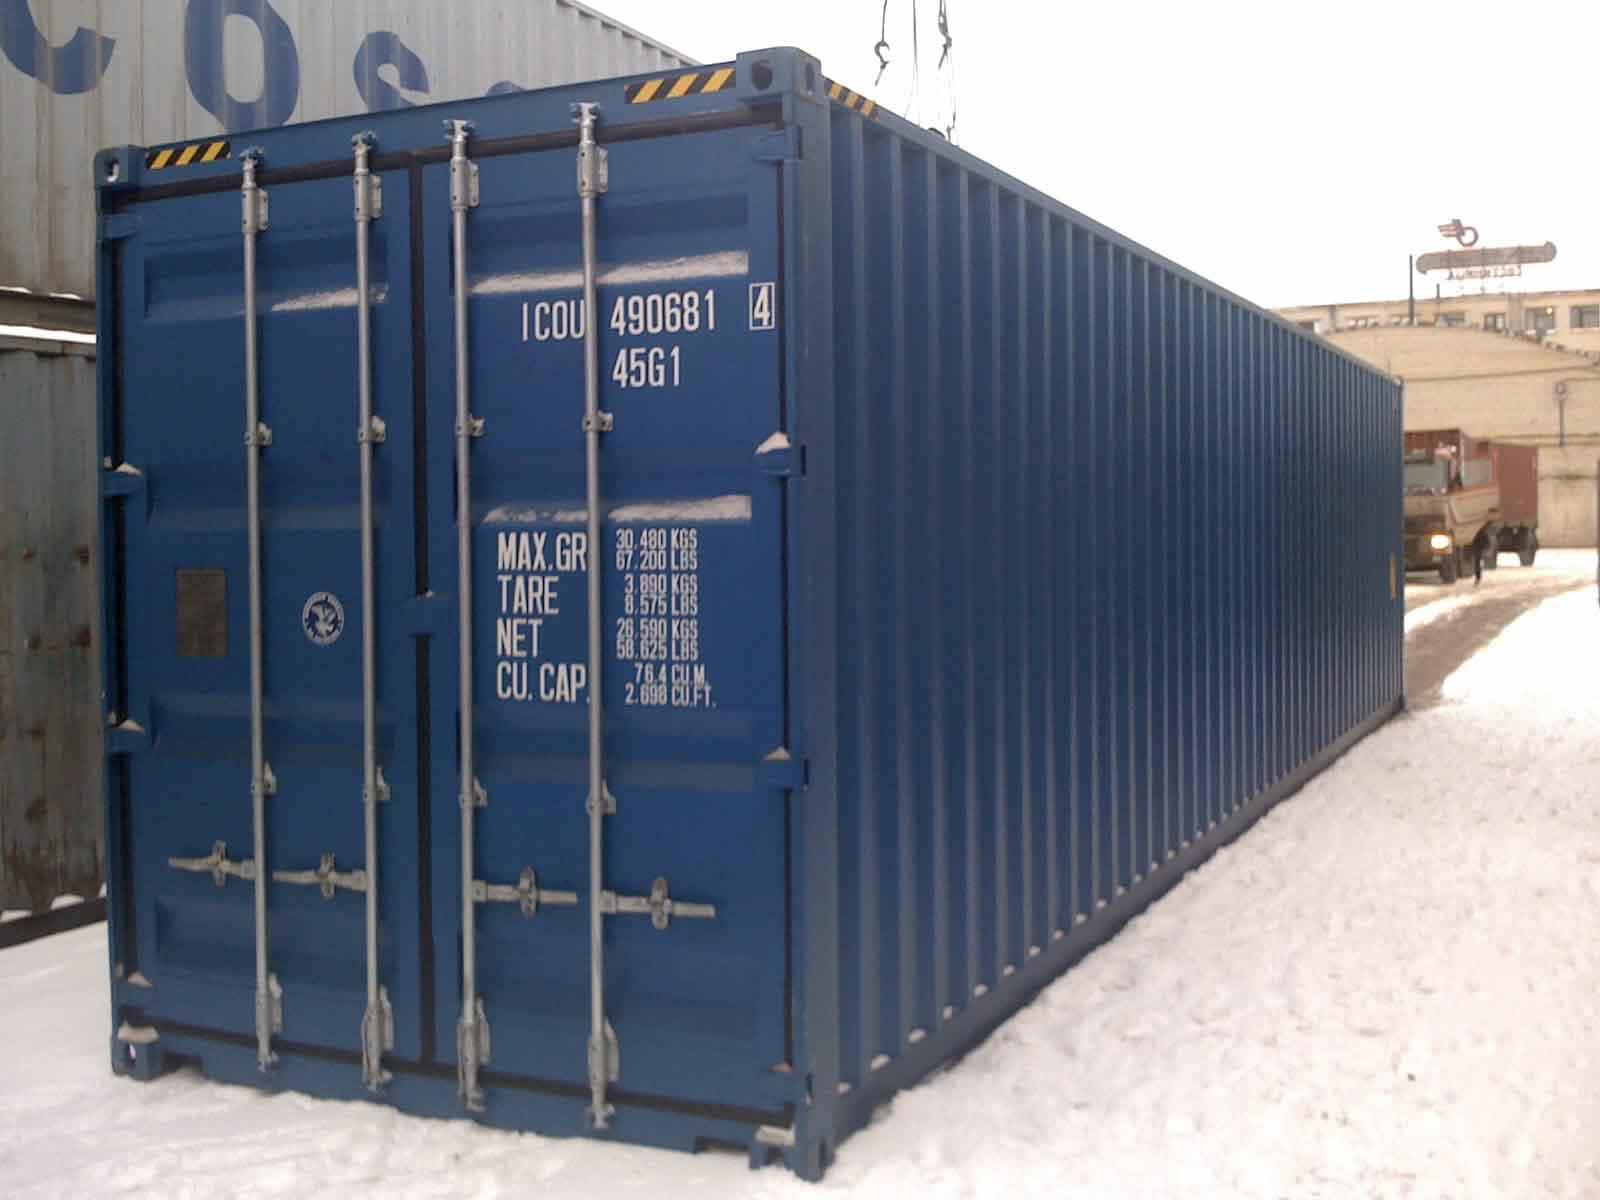 Dimension container achetez votre container ici le for Prix d un container maritime